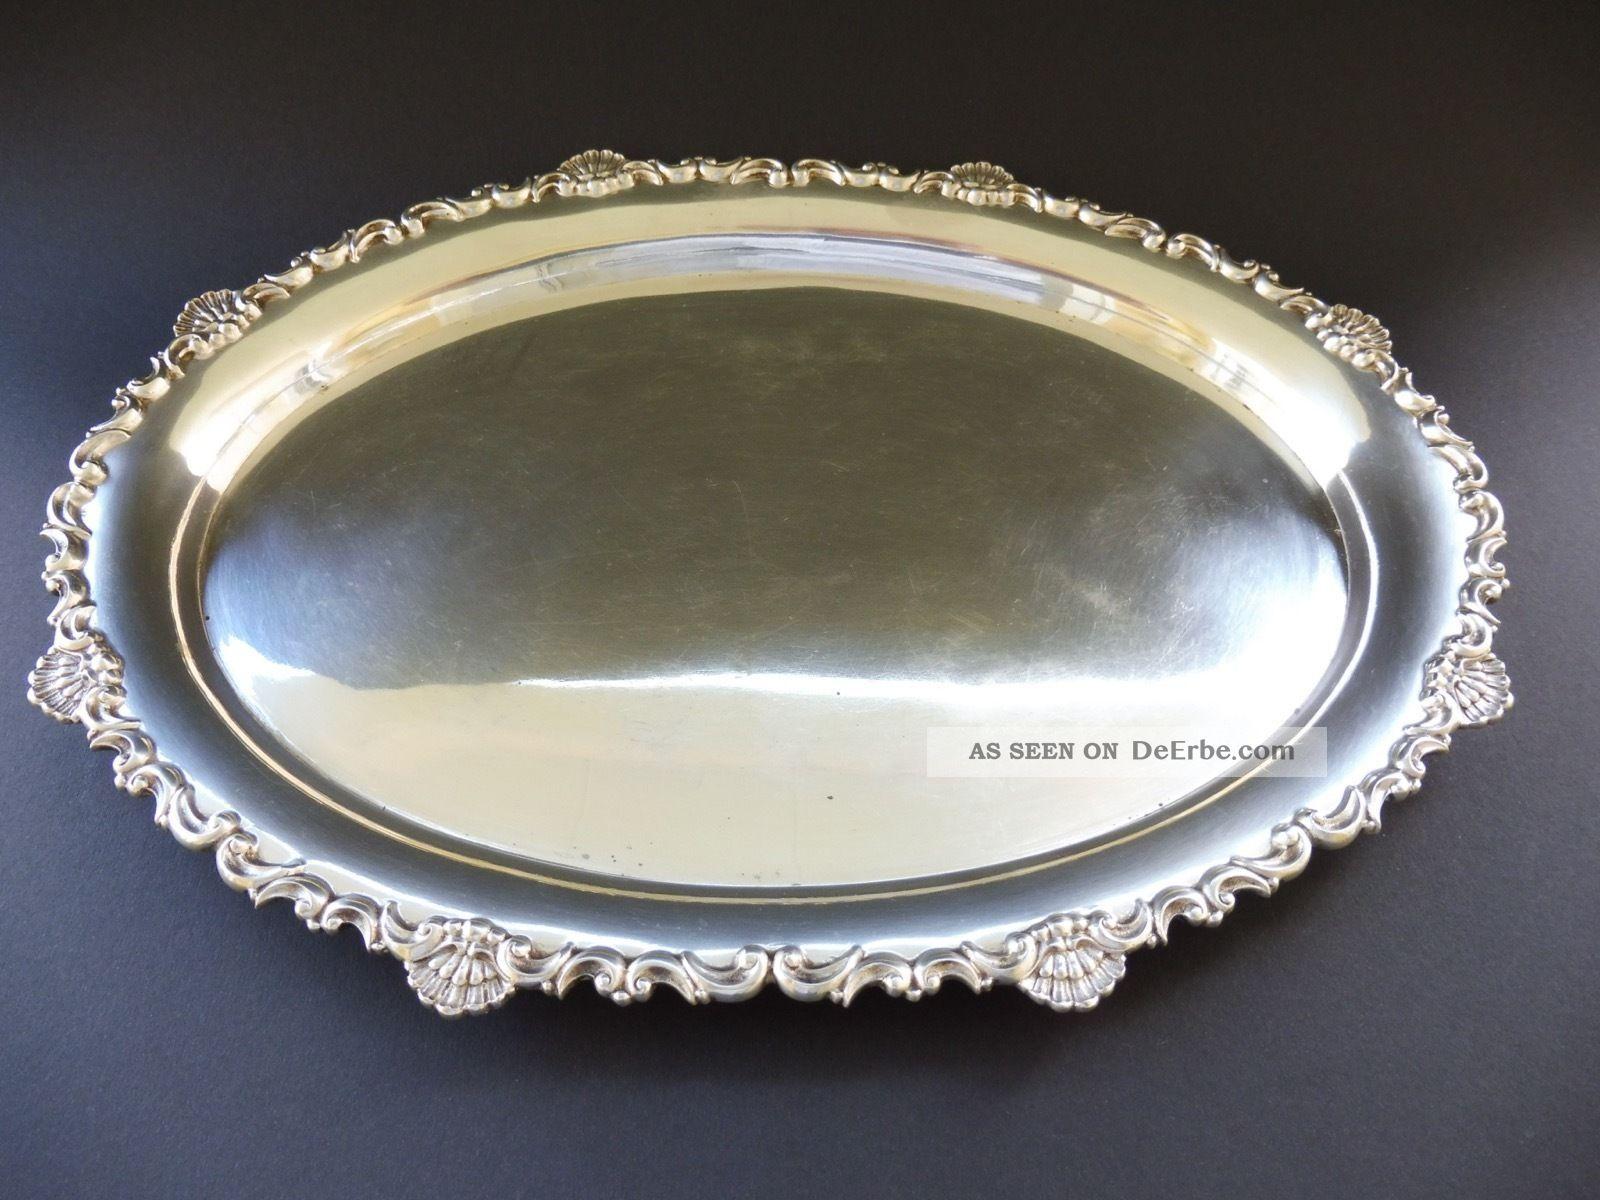 Jugendstil 800 Silber Tablett 708 Gramm Art Nouveau Solid Silver Tray Frau Punze Objekte vor 1945 Bild